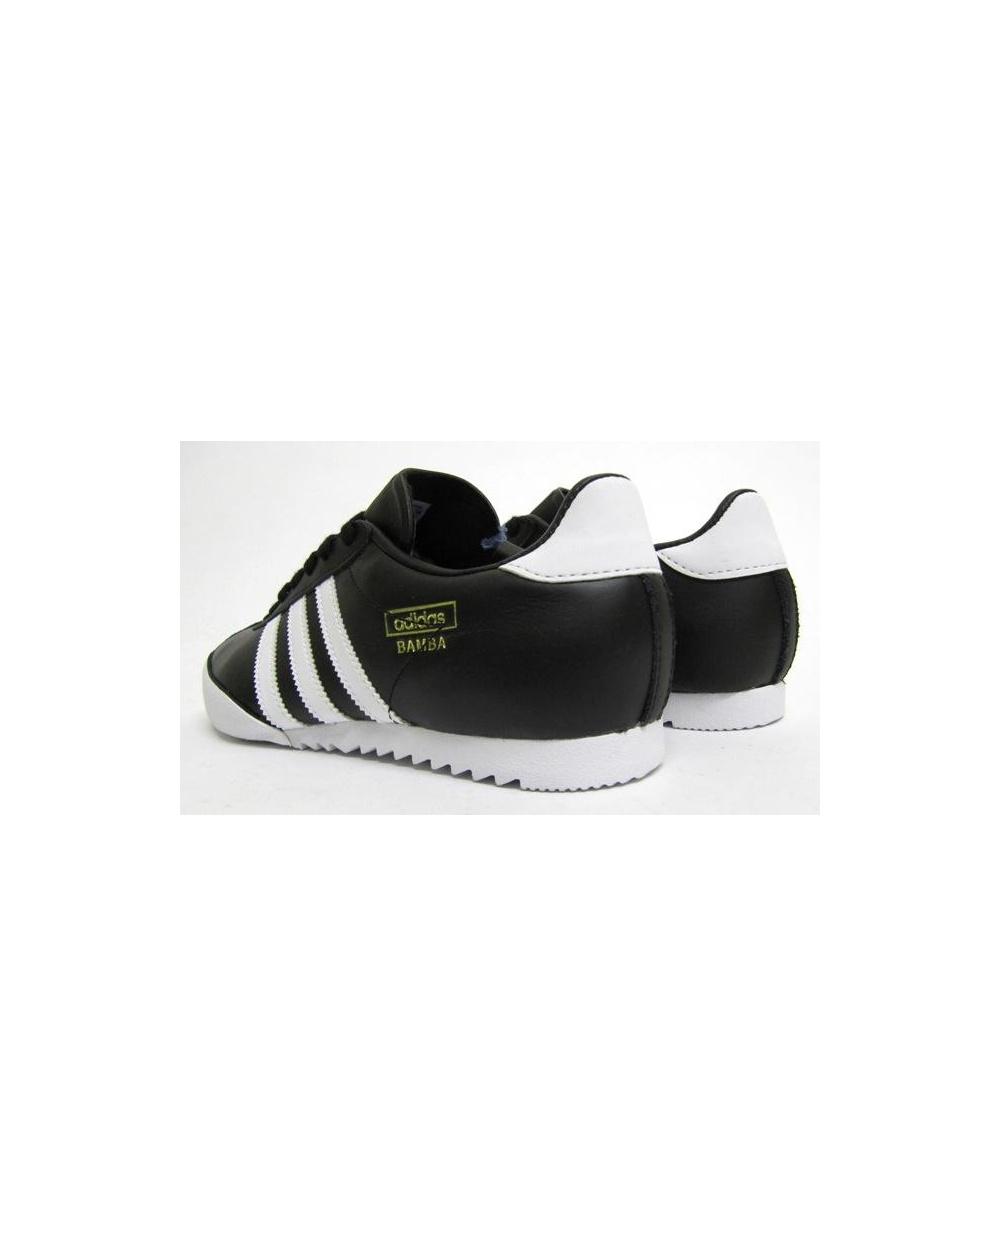 adidas bamba trainers uk 10